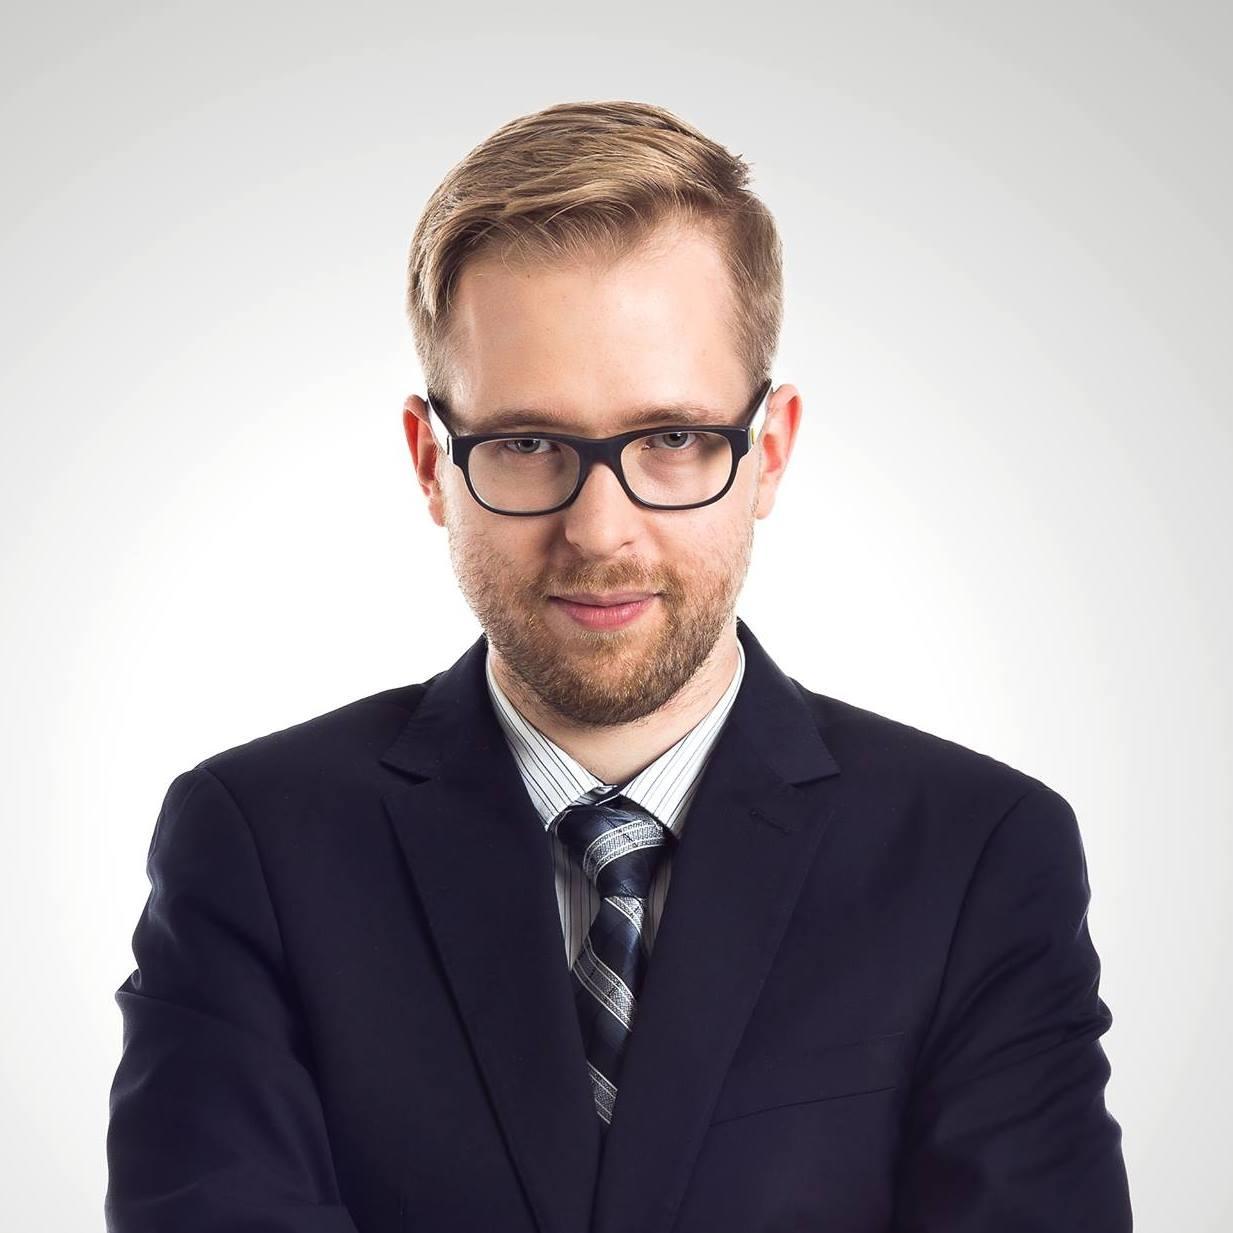 Maciej Potepa